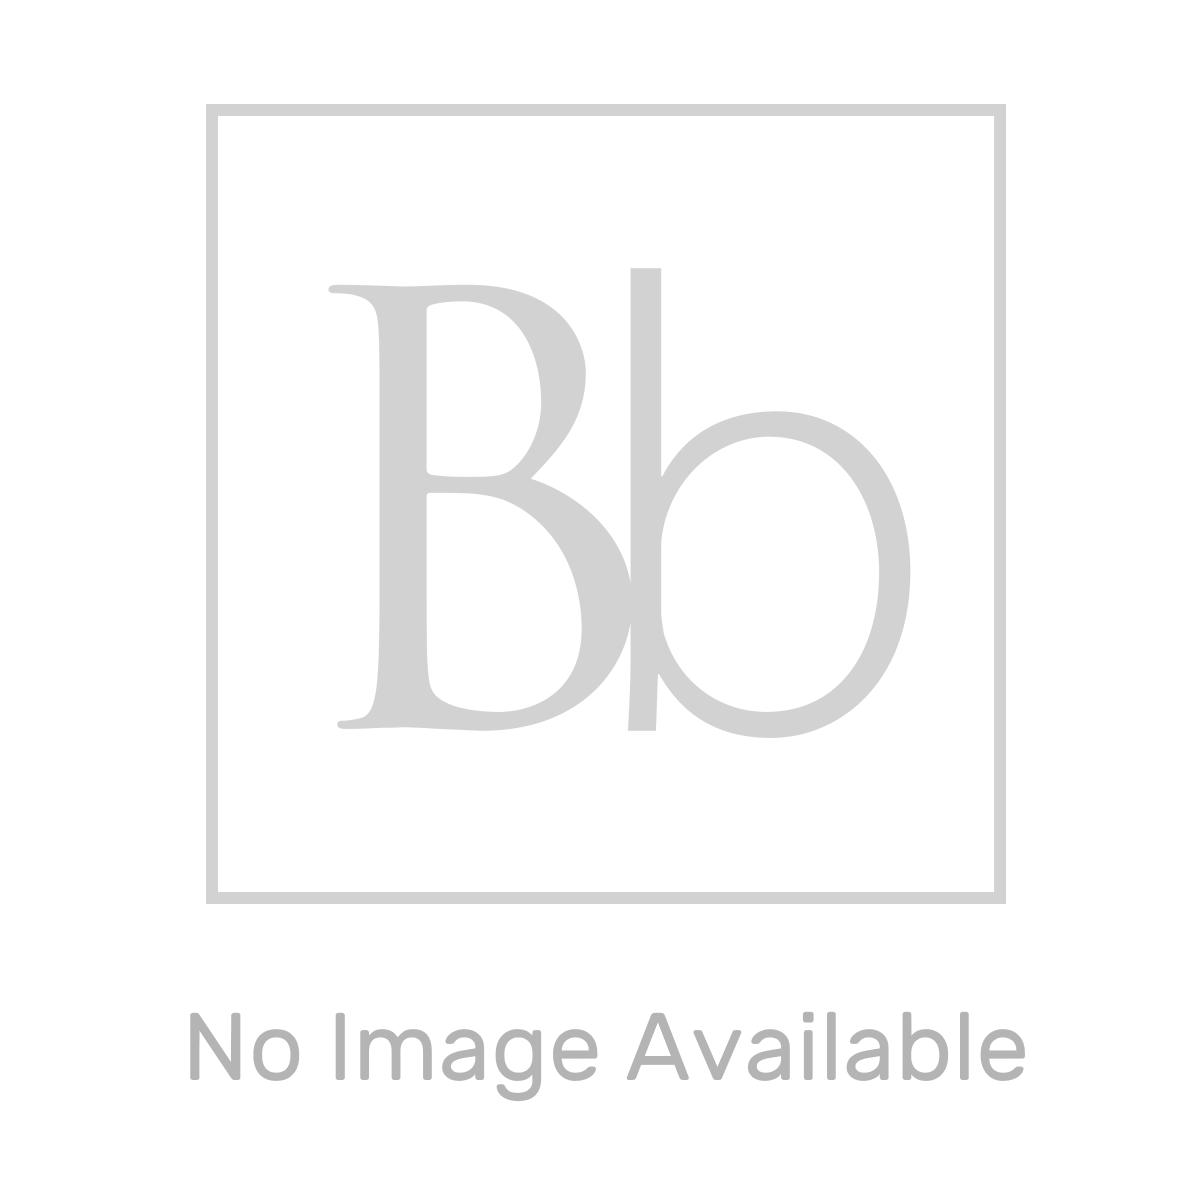 April Brearton Thin Rim Freestanding Bath 1500mm Dimensions